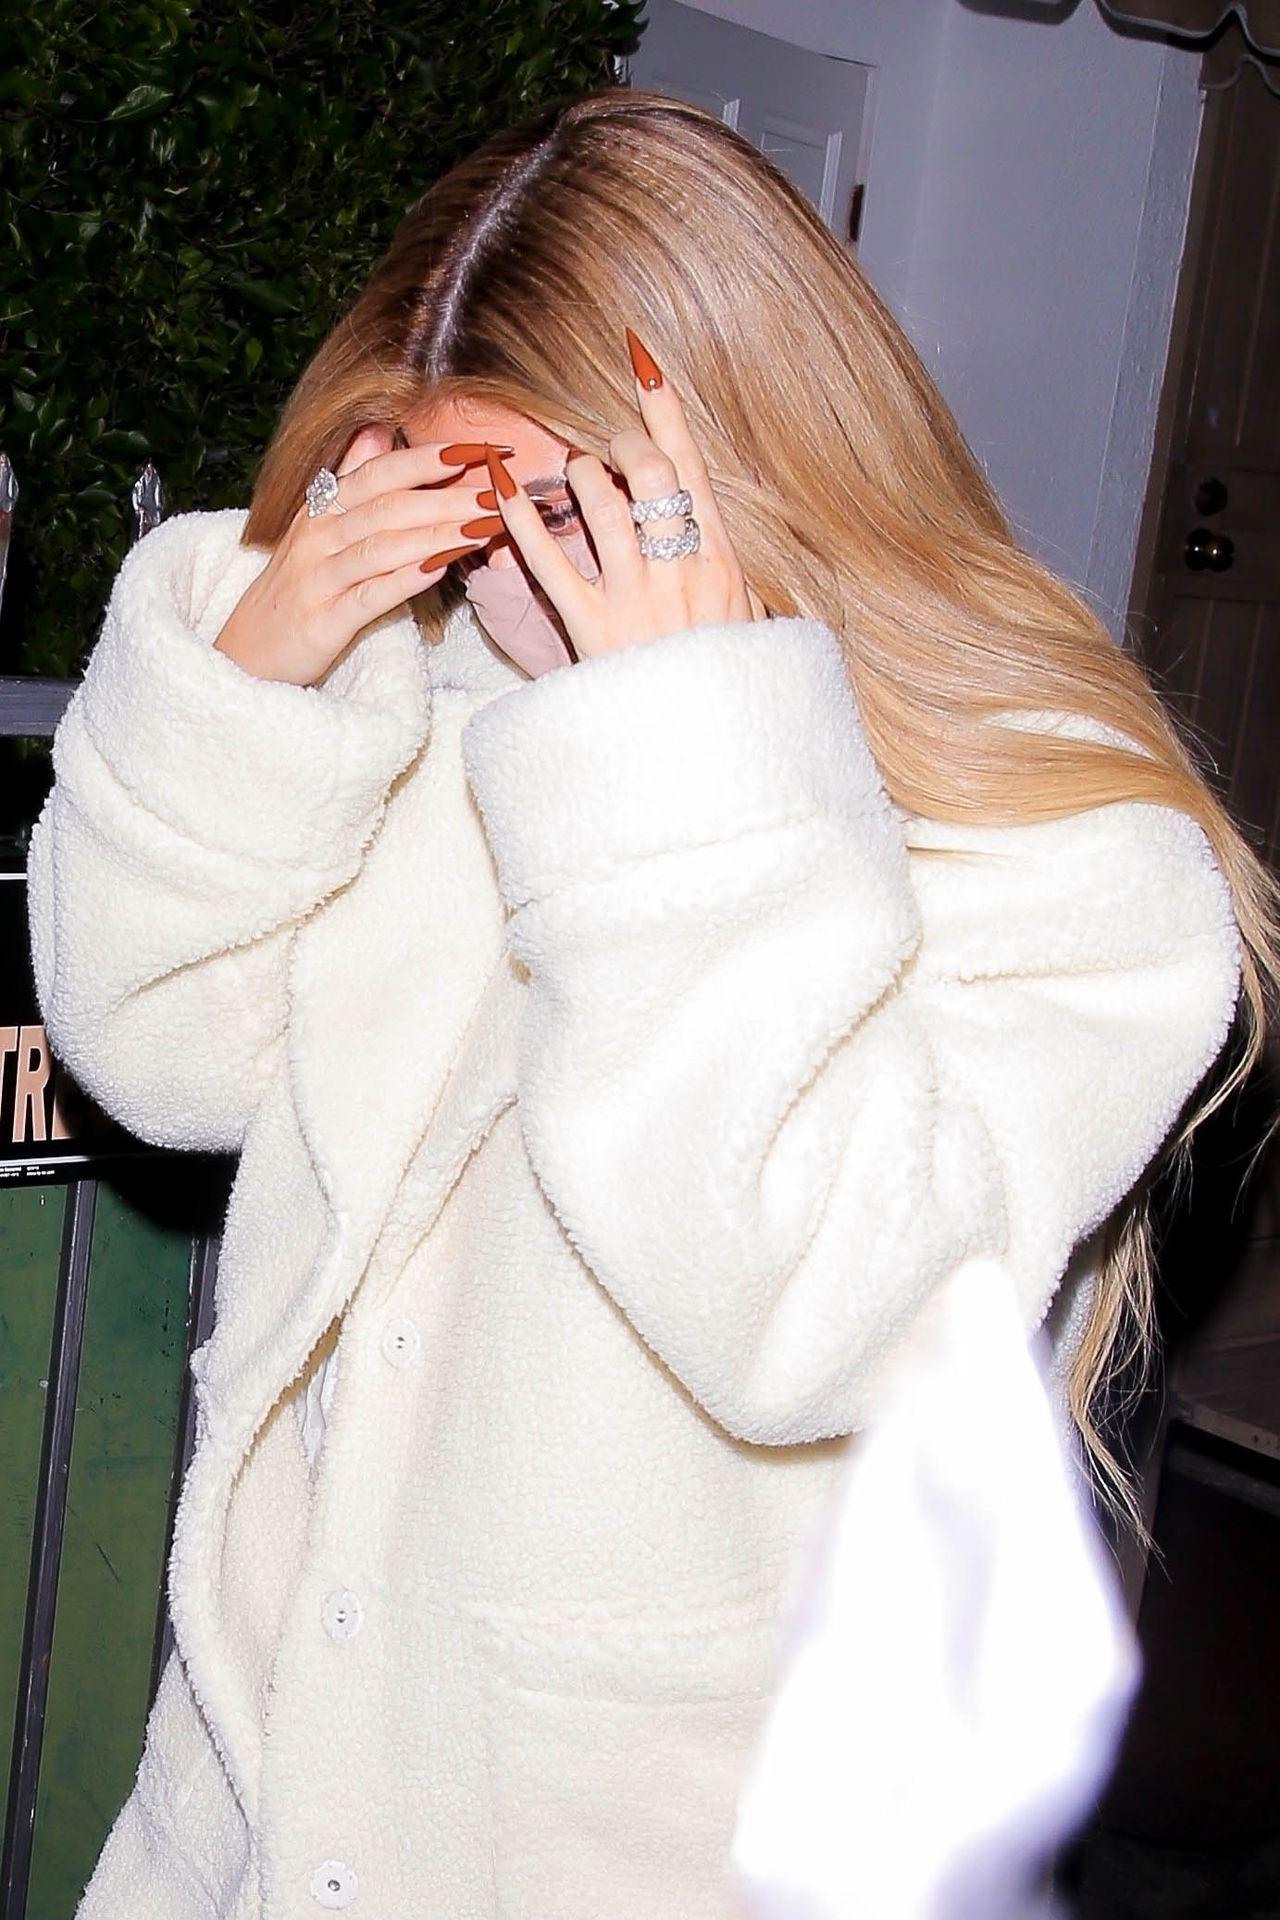 Kylie Jenner zakrywa twarz przed fotoreporterami.